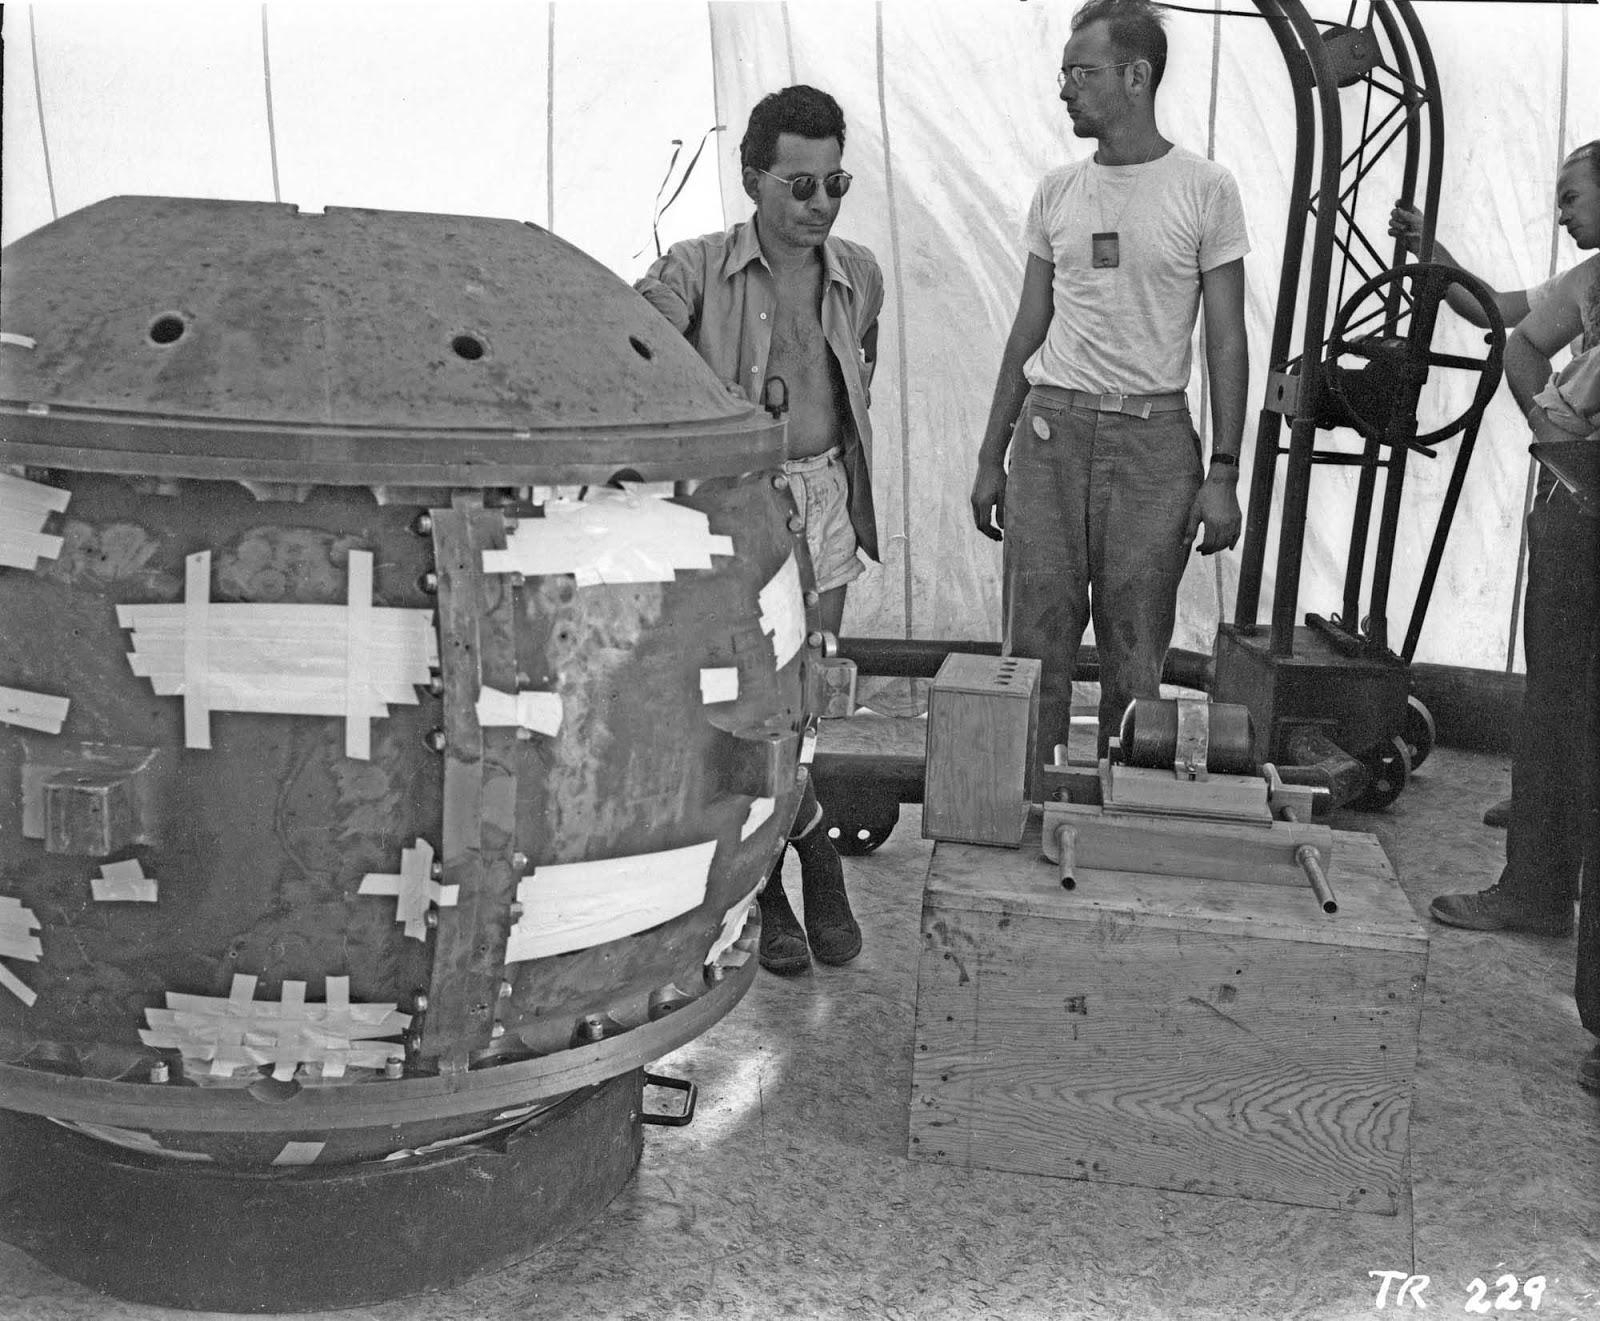 Louis Slotin y Herbert Lehr con el gadget antes de insertar el tapón de seguridad (visible frente a la rodilla izquierda de Lehr).